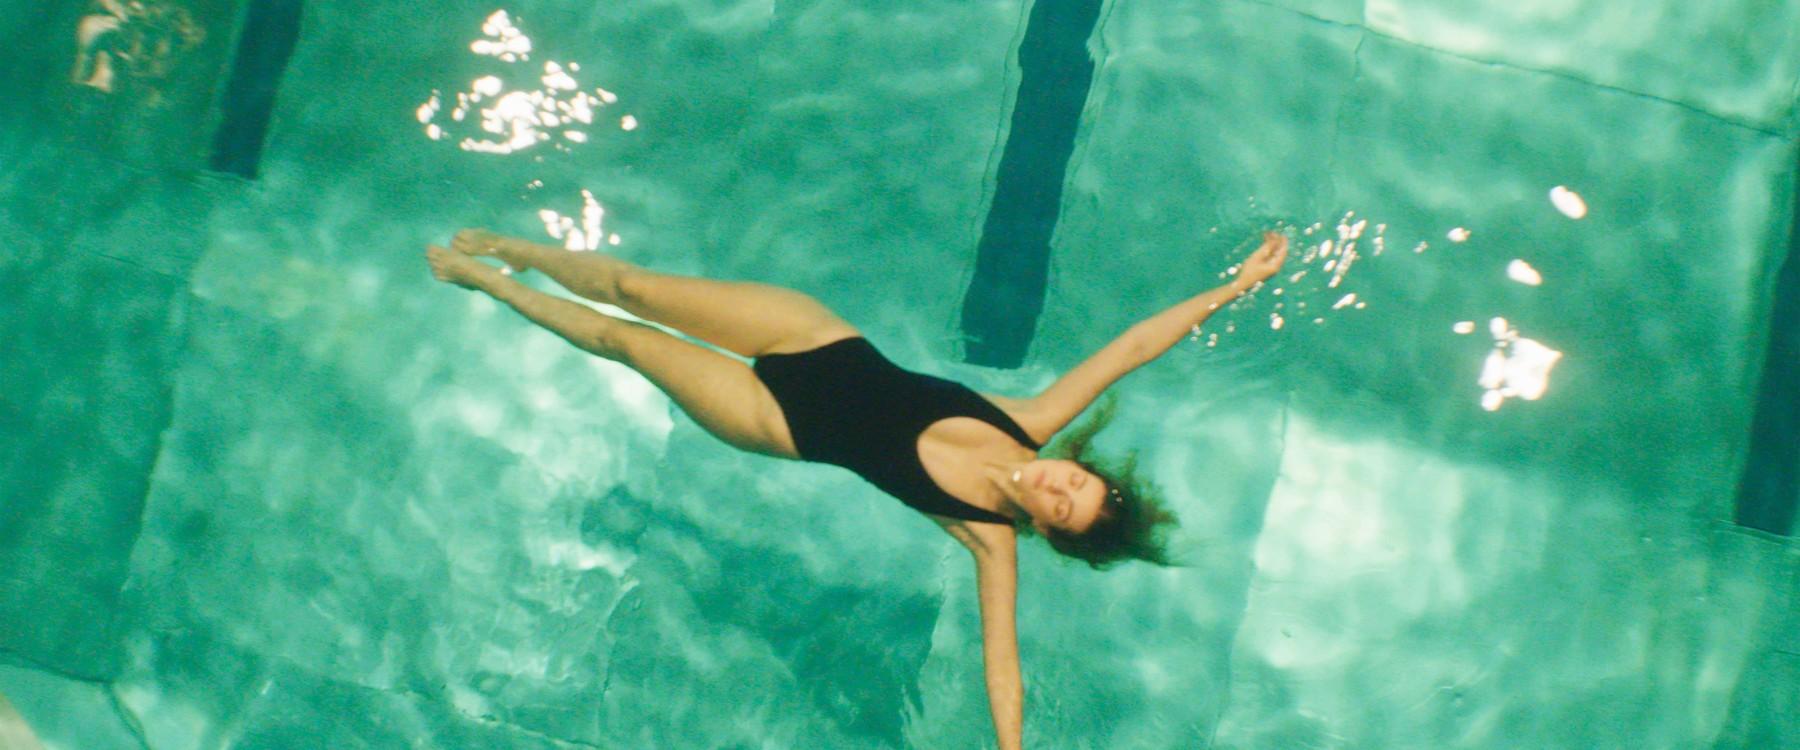 Model im Wasser bei ERRDEKA Musikvideo Kopf im Sand Filmproduktion in Augsburg